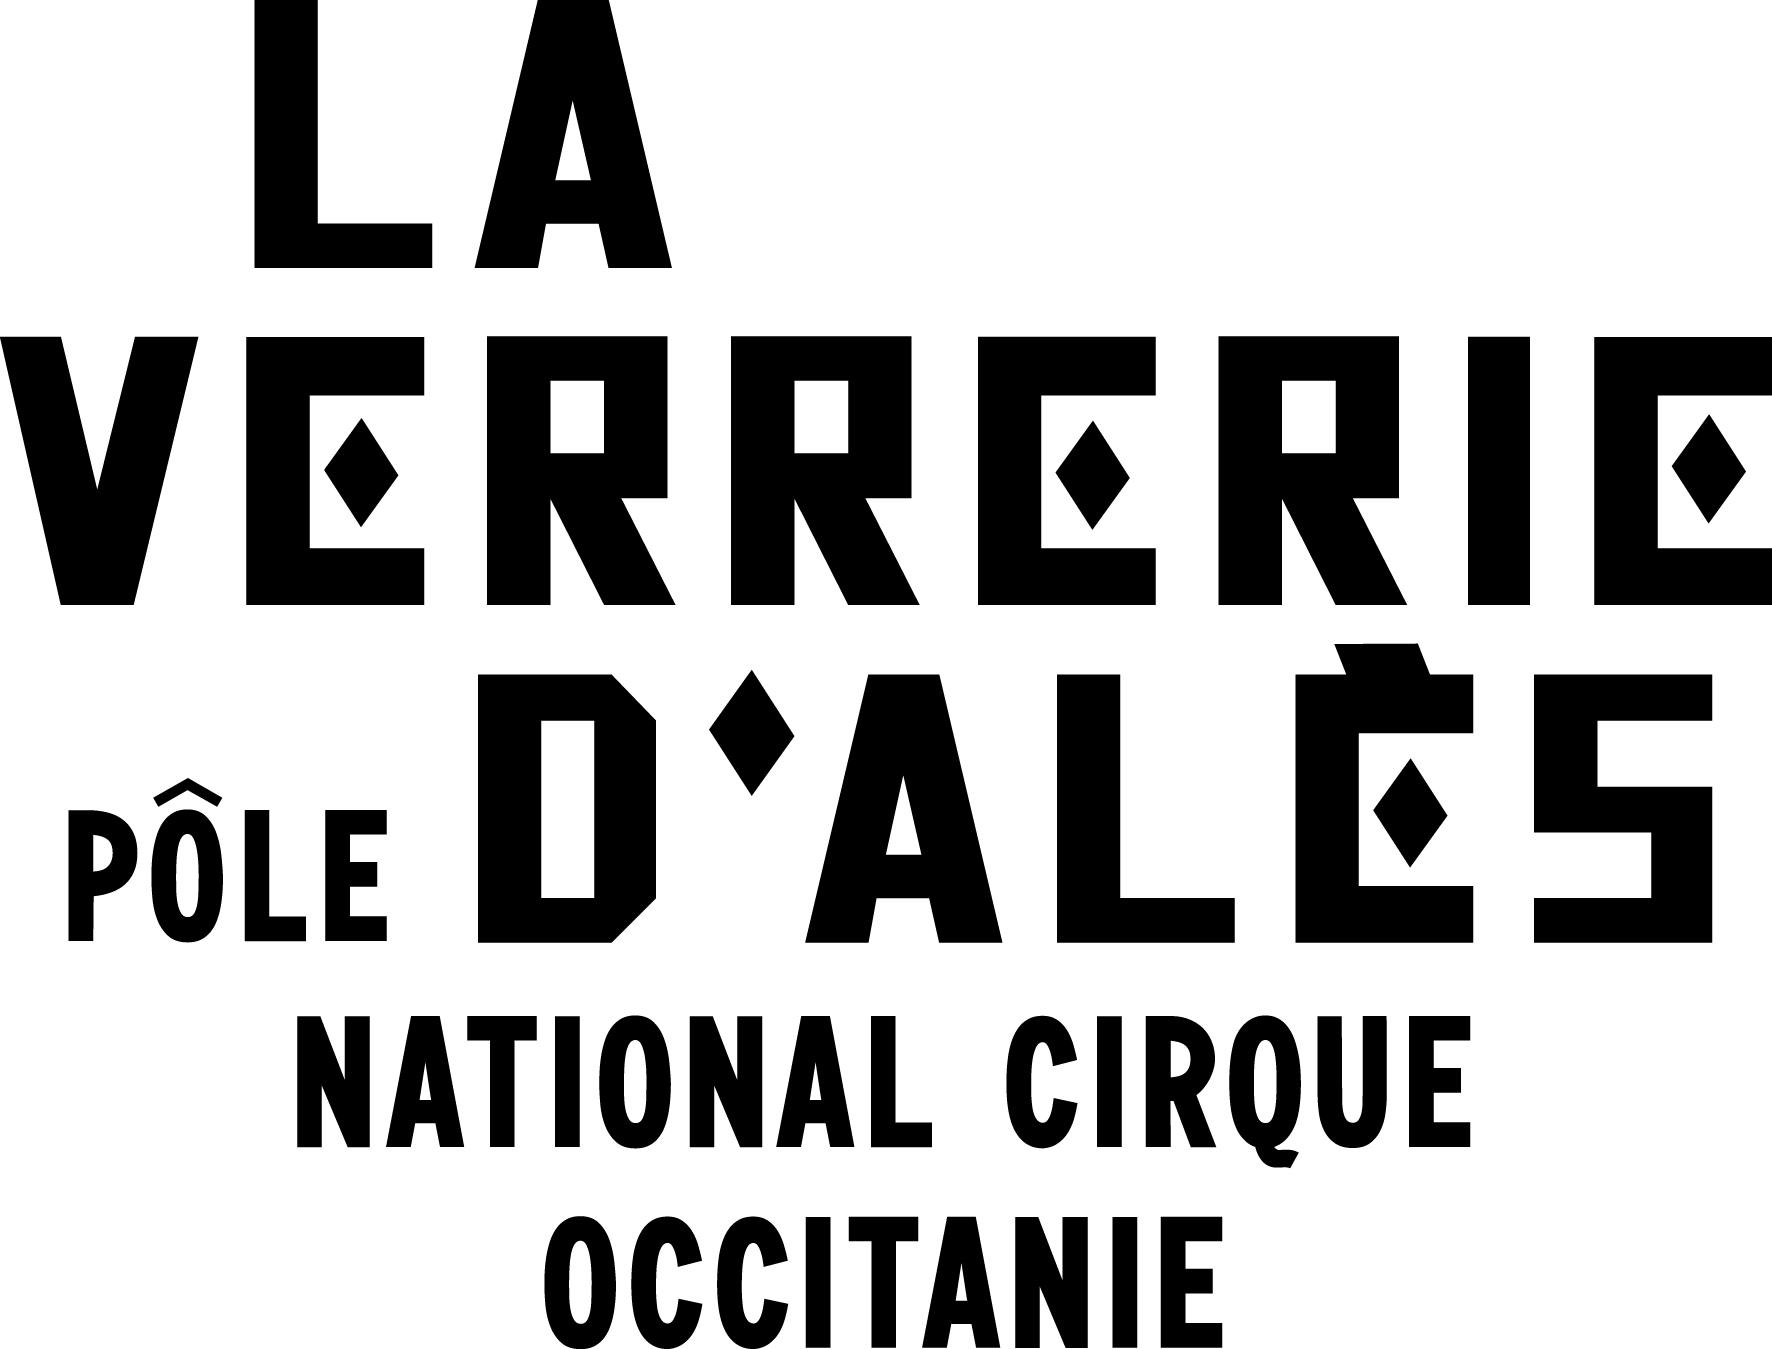 logo-verrerie_1_noir.jpg